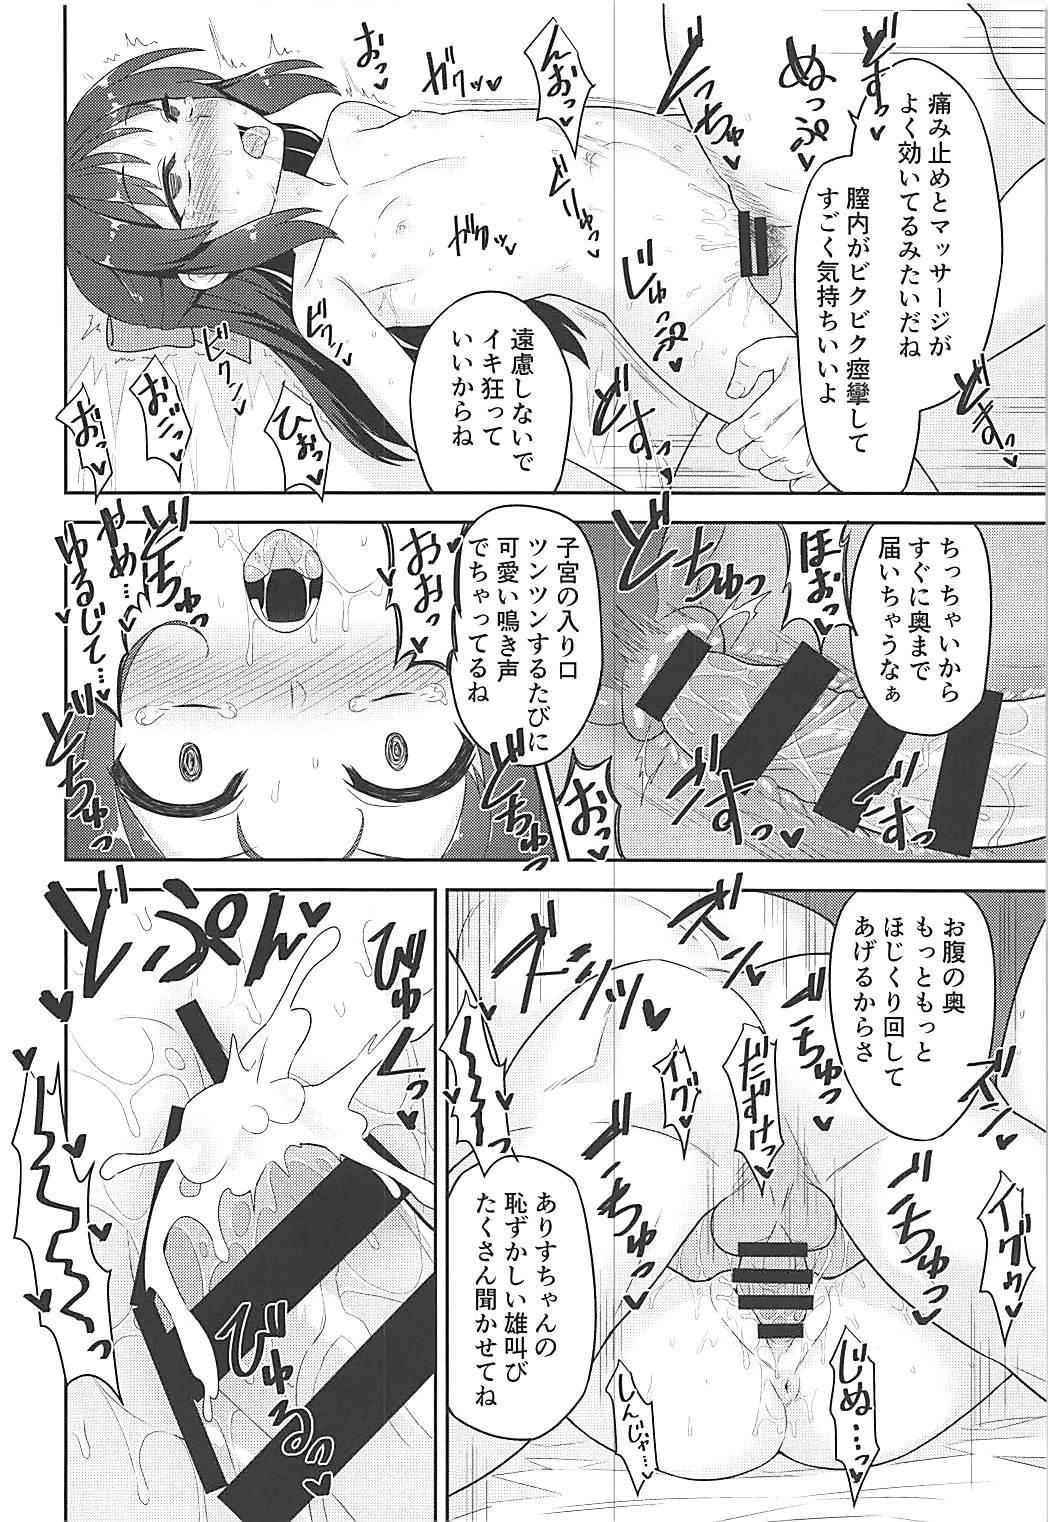 Arisu-chan no Otona no Oshigoto 14